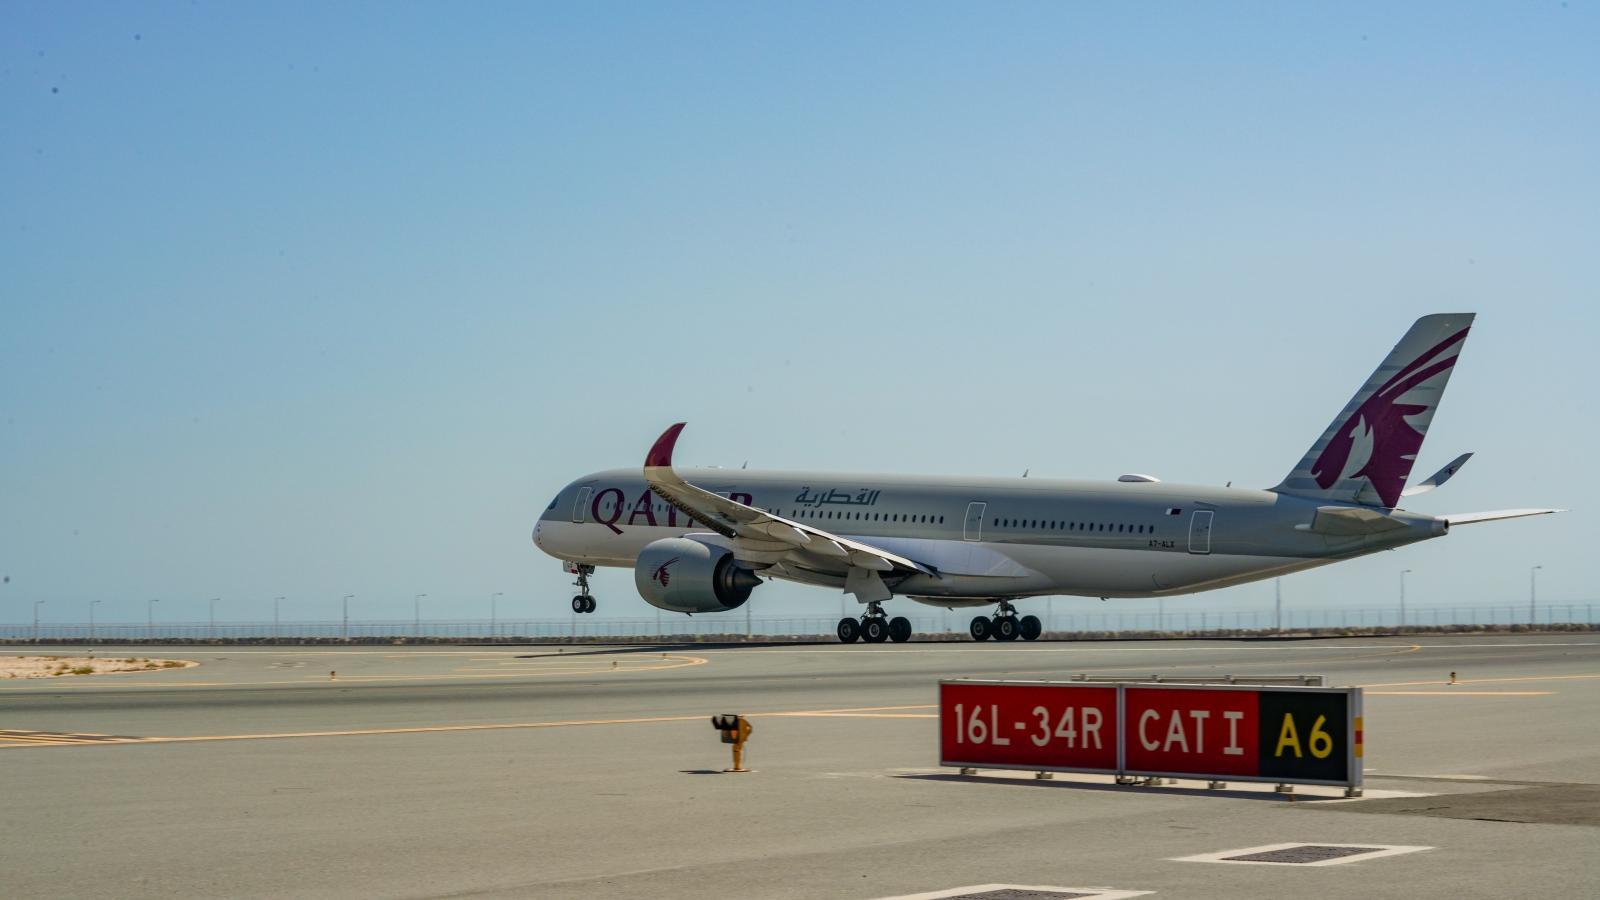 Qatar Airways to start flights to Riyadh, Jeddah, and Dammam